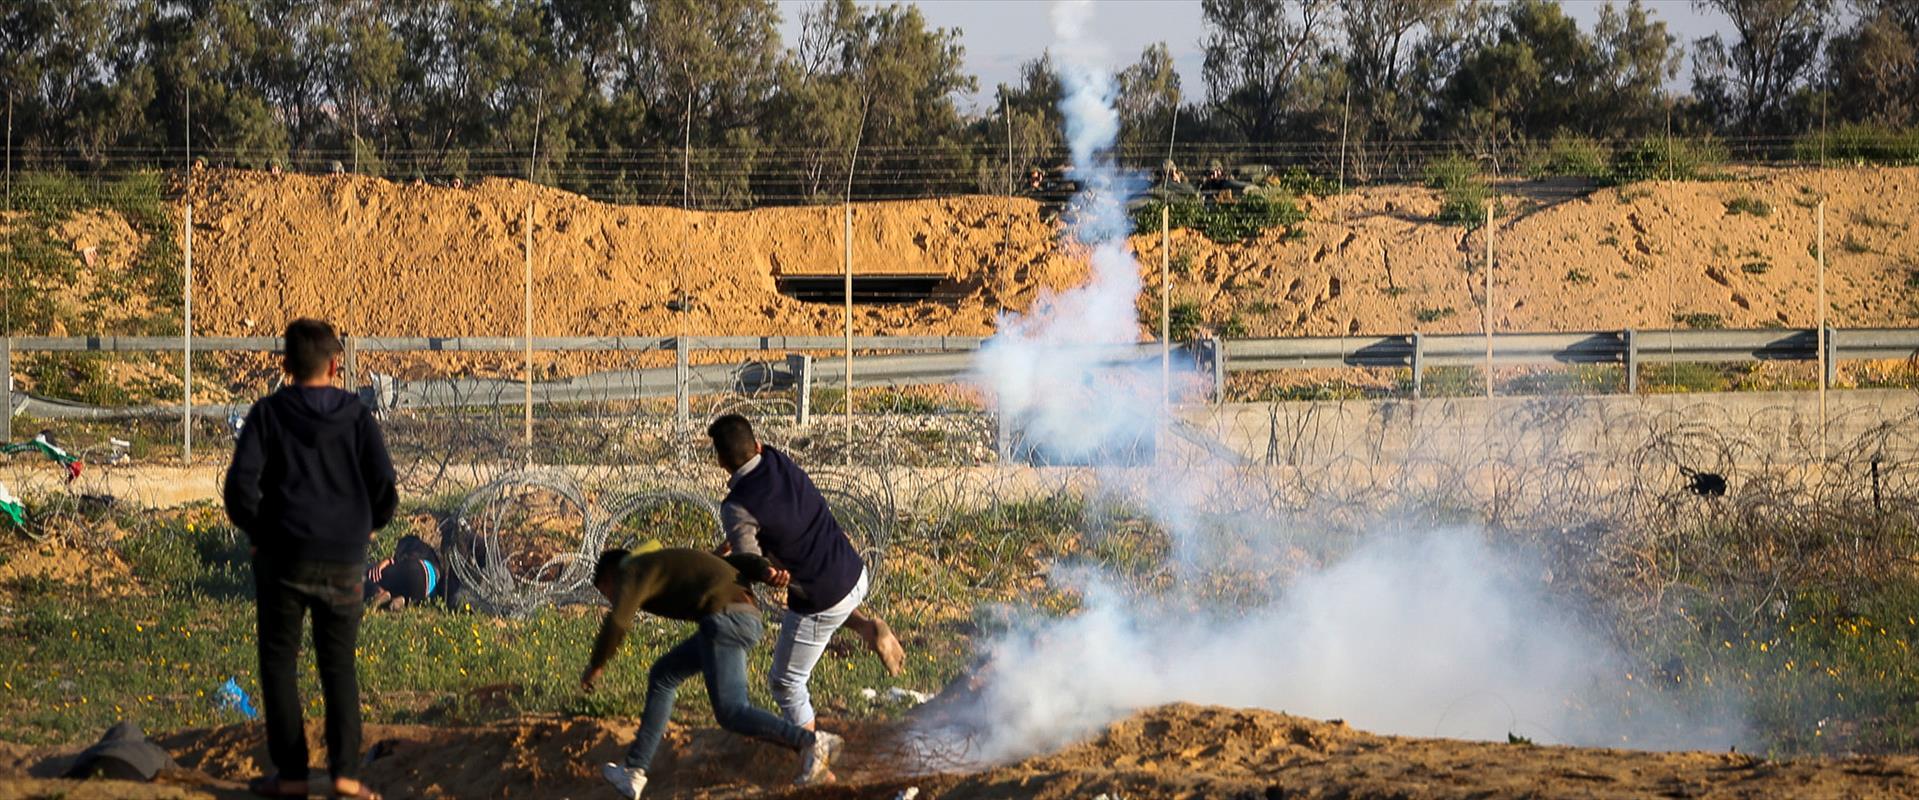 מהומות סמוך לגדר הגבול